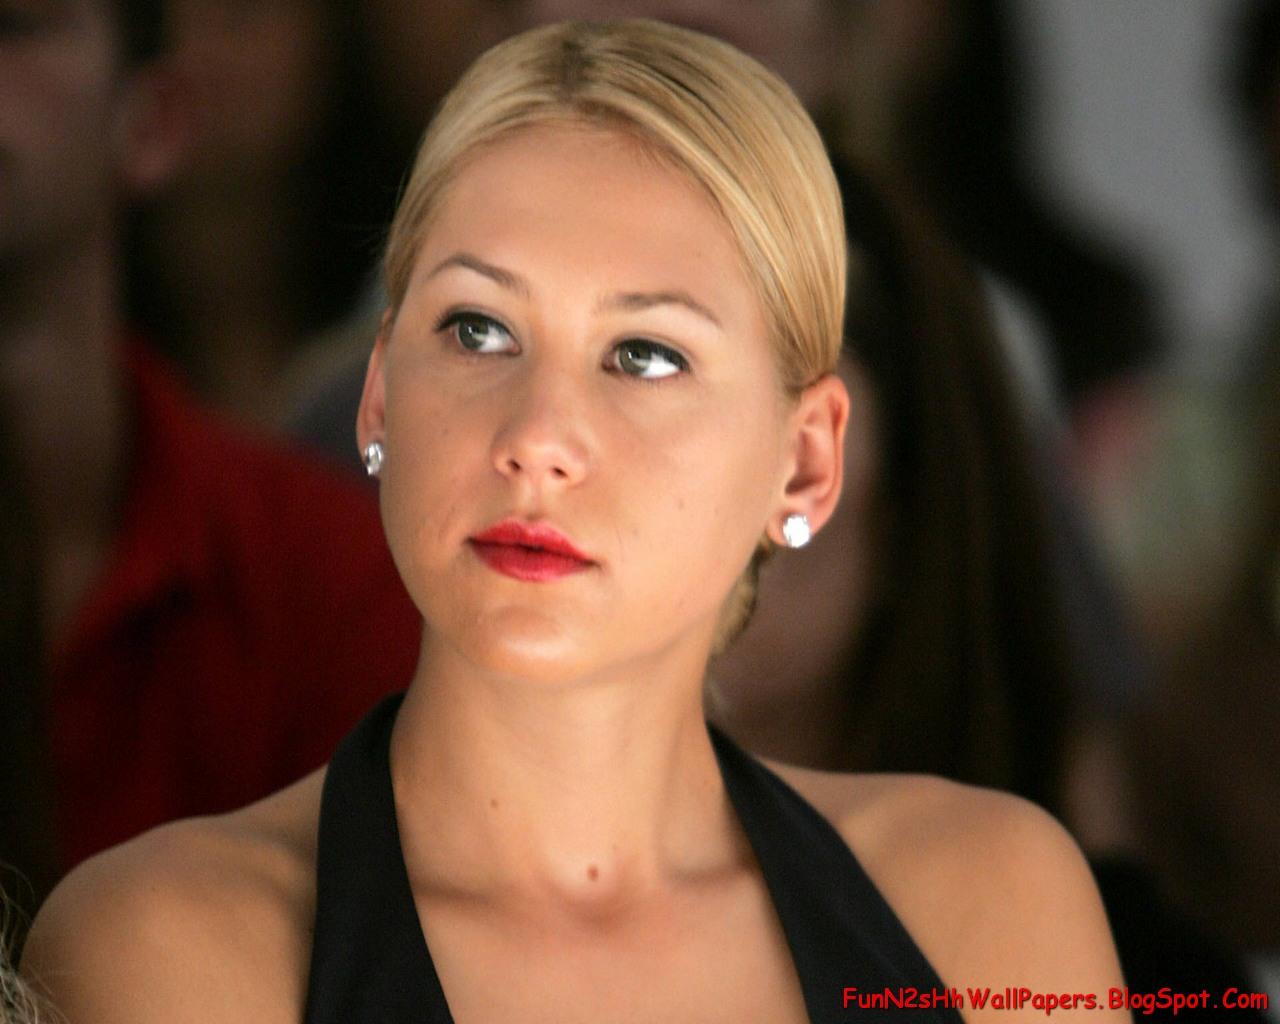 http://2.bp.blogspot.com/_sx0Gt1J0RnM/SaDryr353jI/AAAAAAAACCs/NbPEWs-0xQk/s1600/FunN2sHhWallPapers.Blogspot.com_Anna.Kournikova_66.jpg